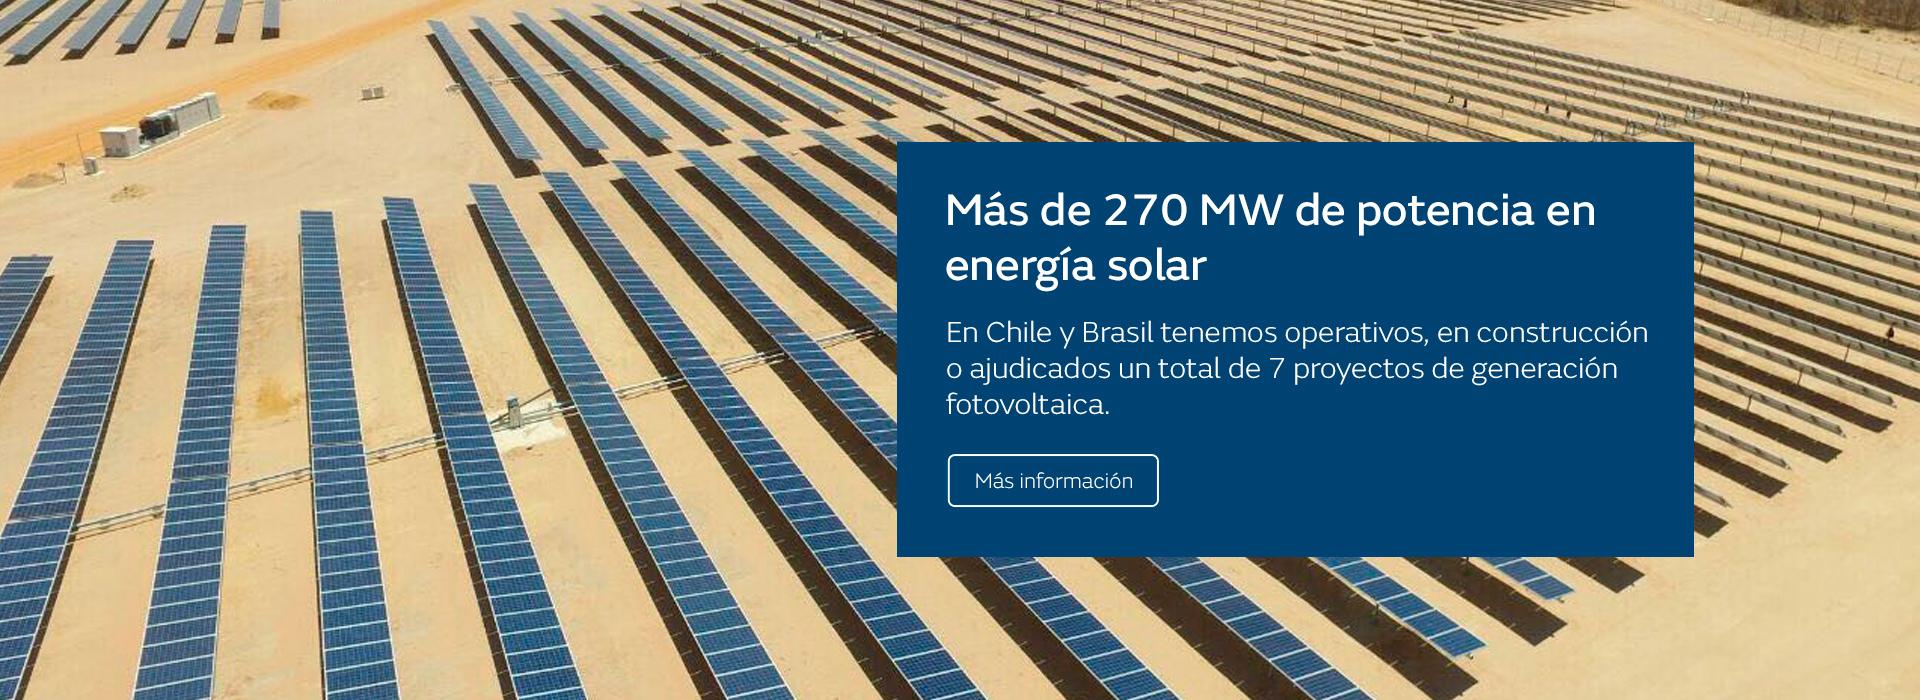 Energia_solar_ES